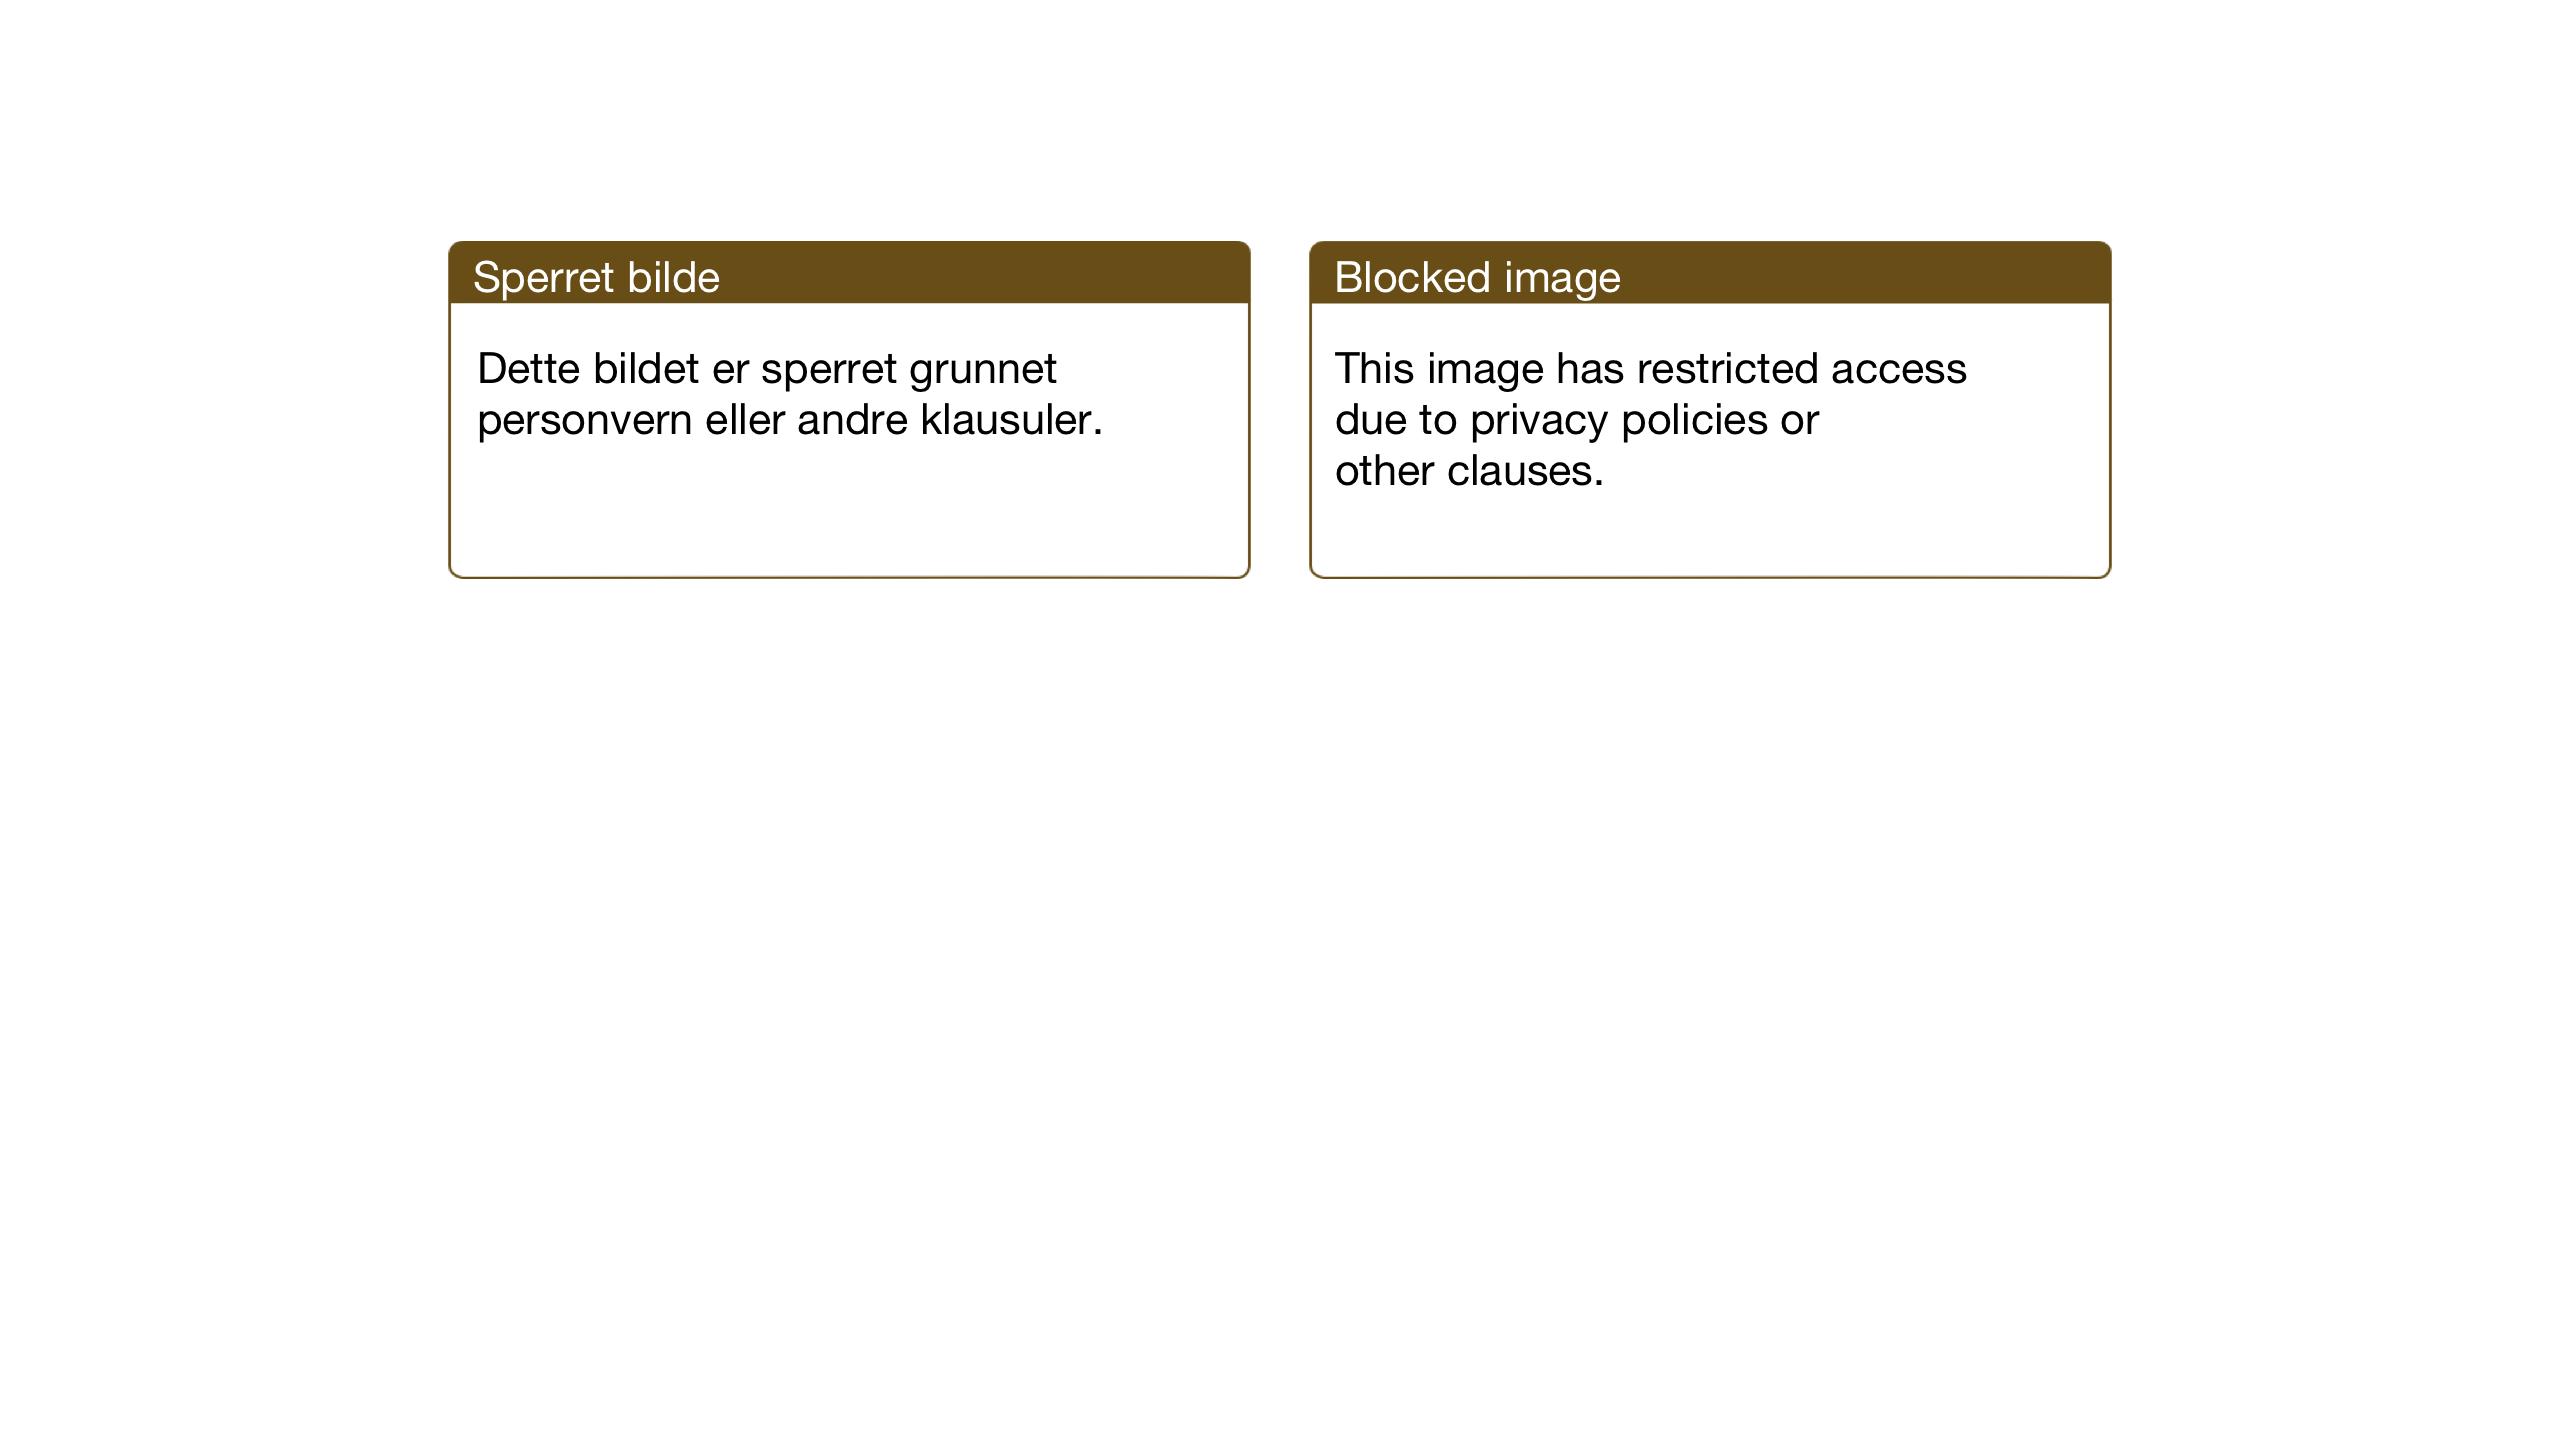 SAT, Ministerialprotokoller, klokkerbøker og fødselsregistre - Sør-Trøndelag, 657/L0718: Klokkerbok nr. 657C05, 1923-1948, s. 313